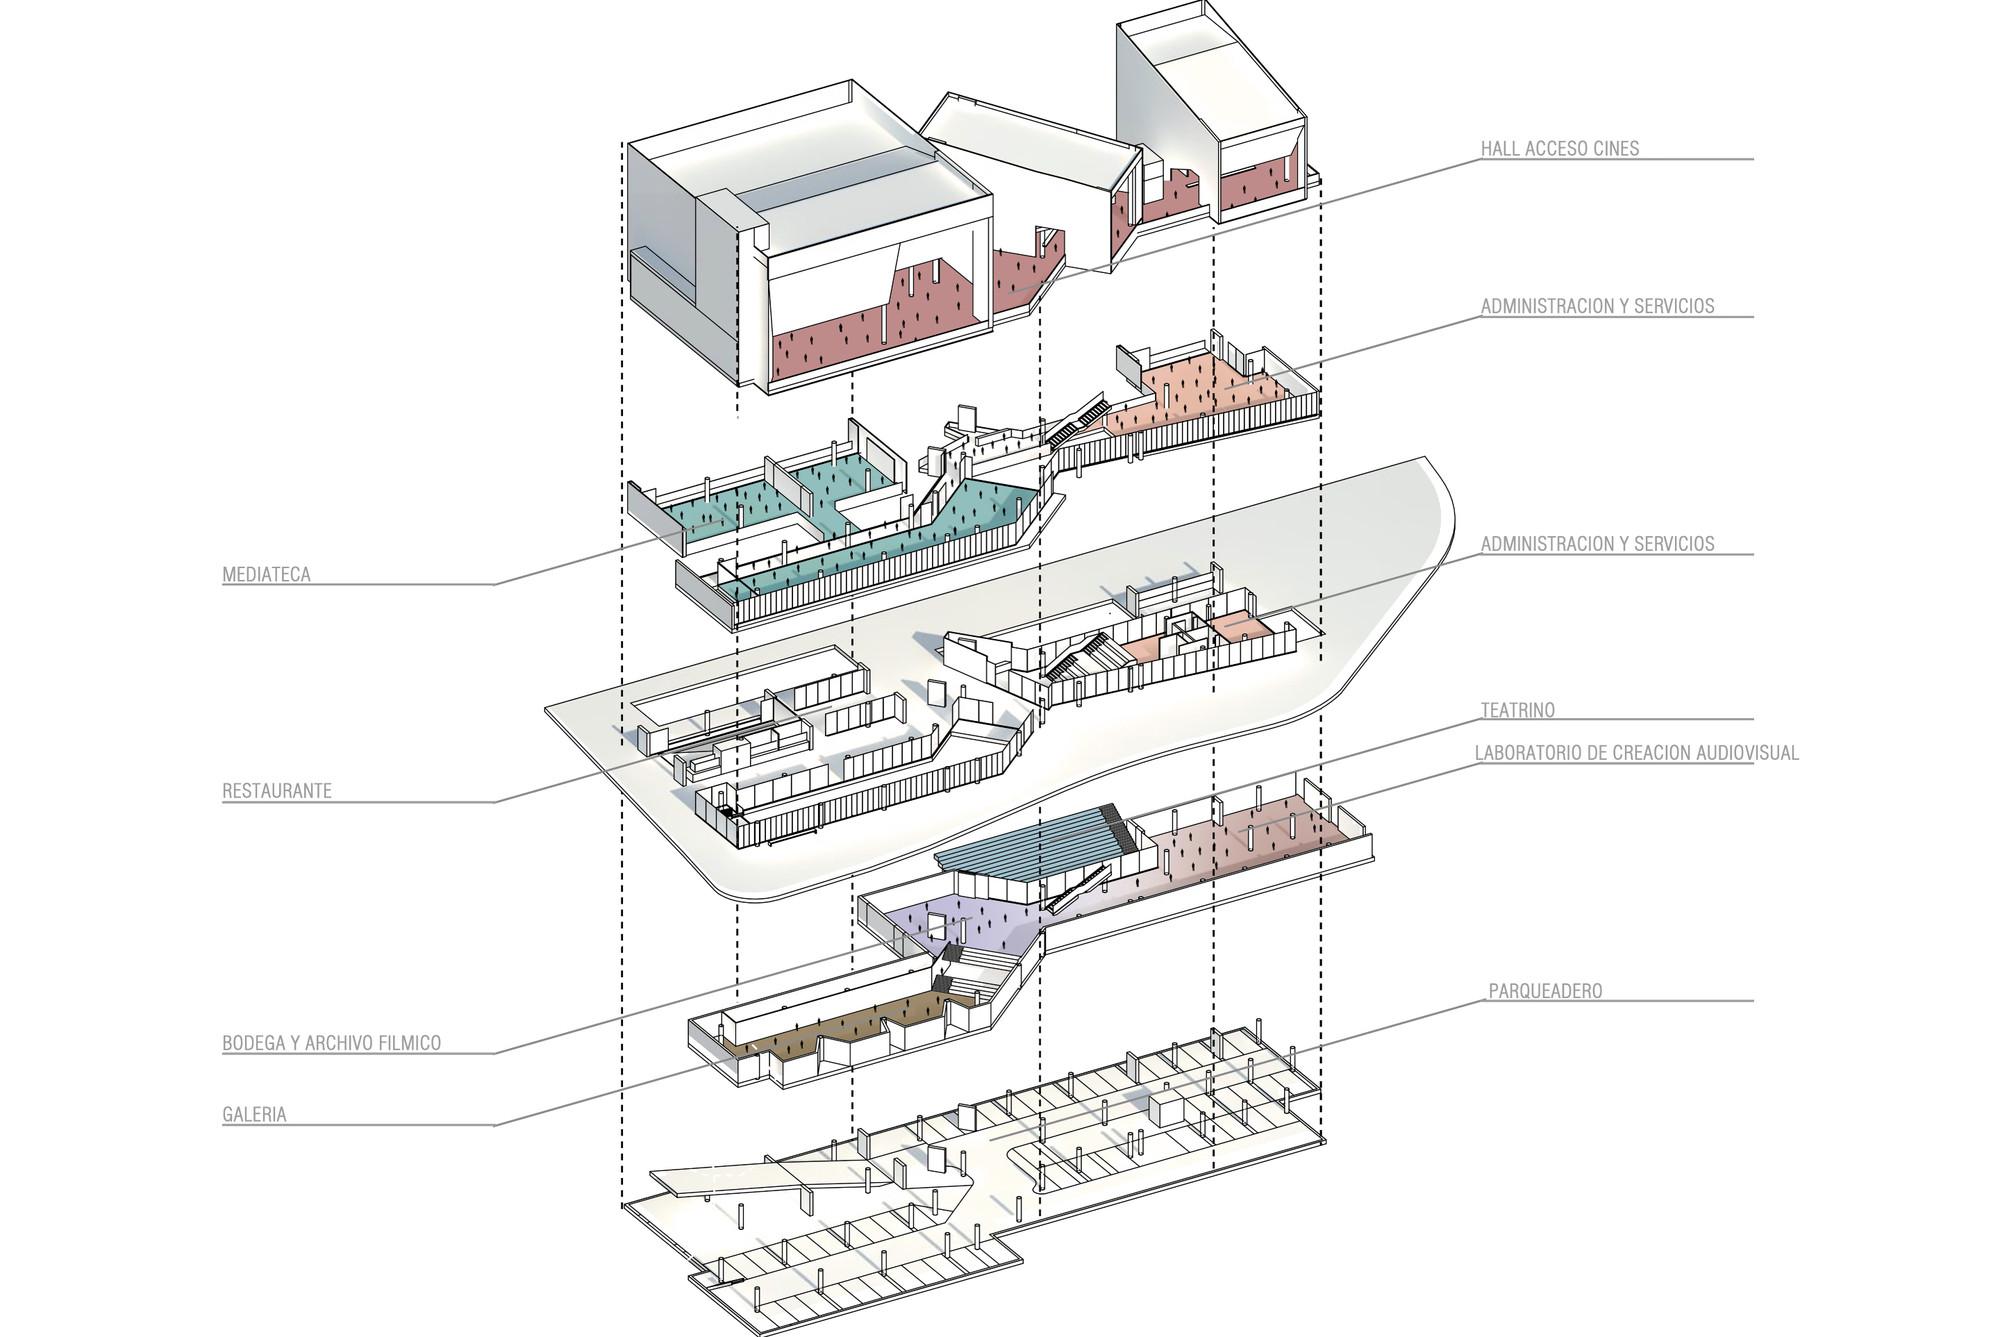 Despiece programático. Image Cortesia de Eje A Arquitectura y Urbanismo